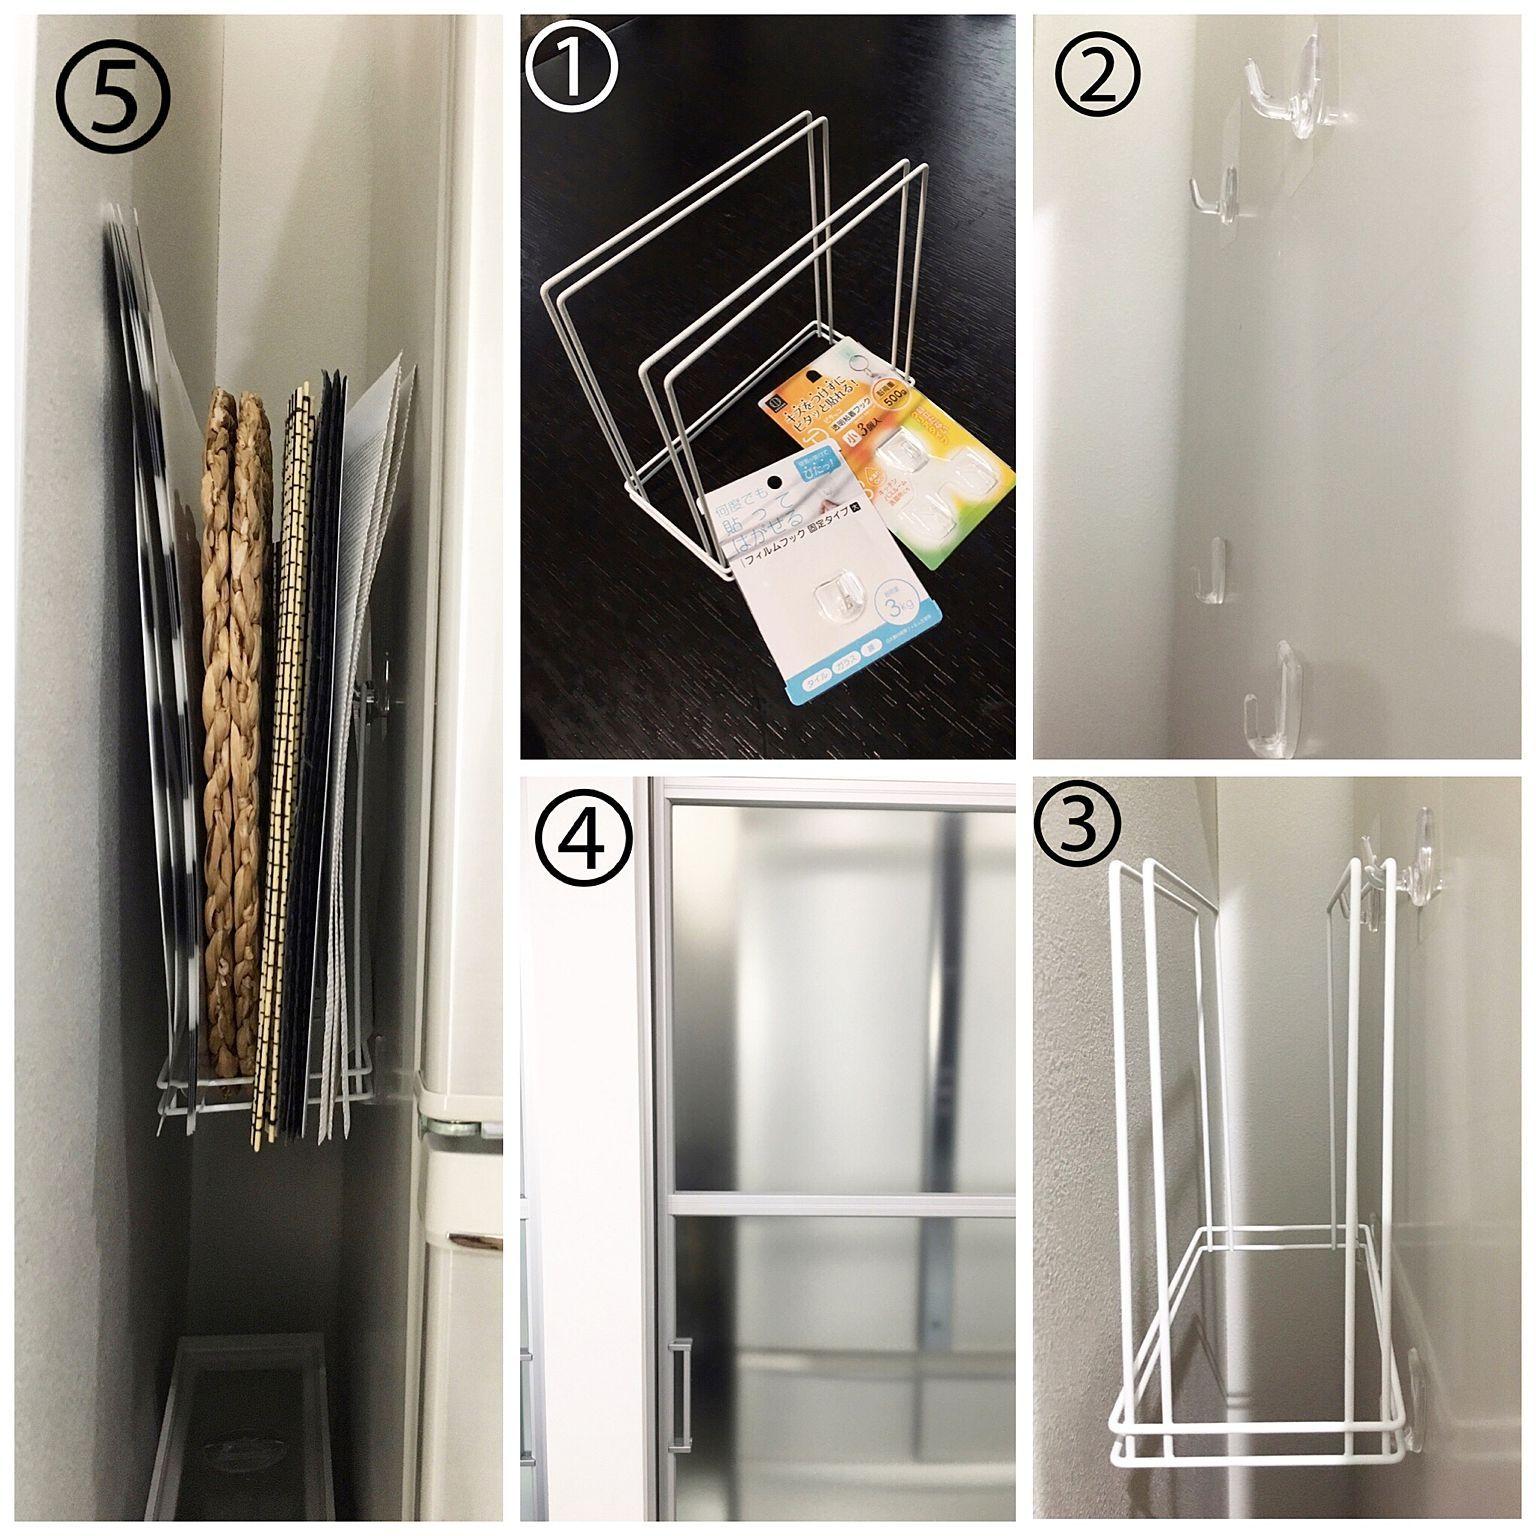 整理整頓 丁寧な暮らし 収納アイデア 住まい 収納 などのインテリア実例 2017 02 17 23 07 48 Roomclip ルームクリップ 収納 アイデア 収納 収納スペース